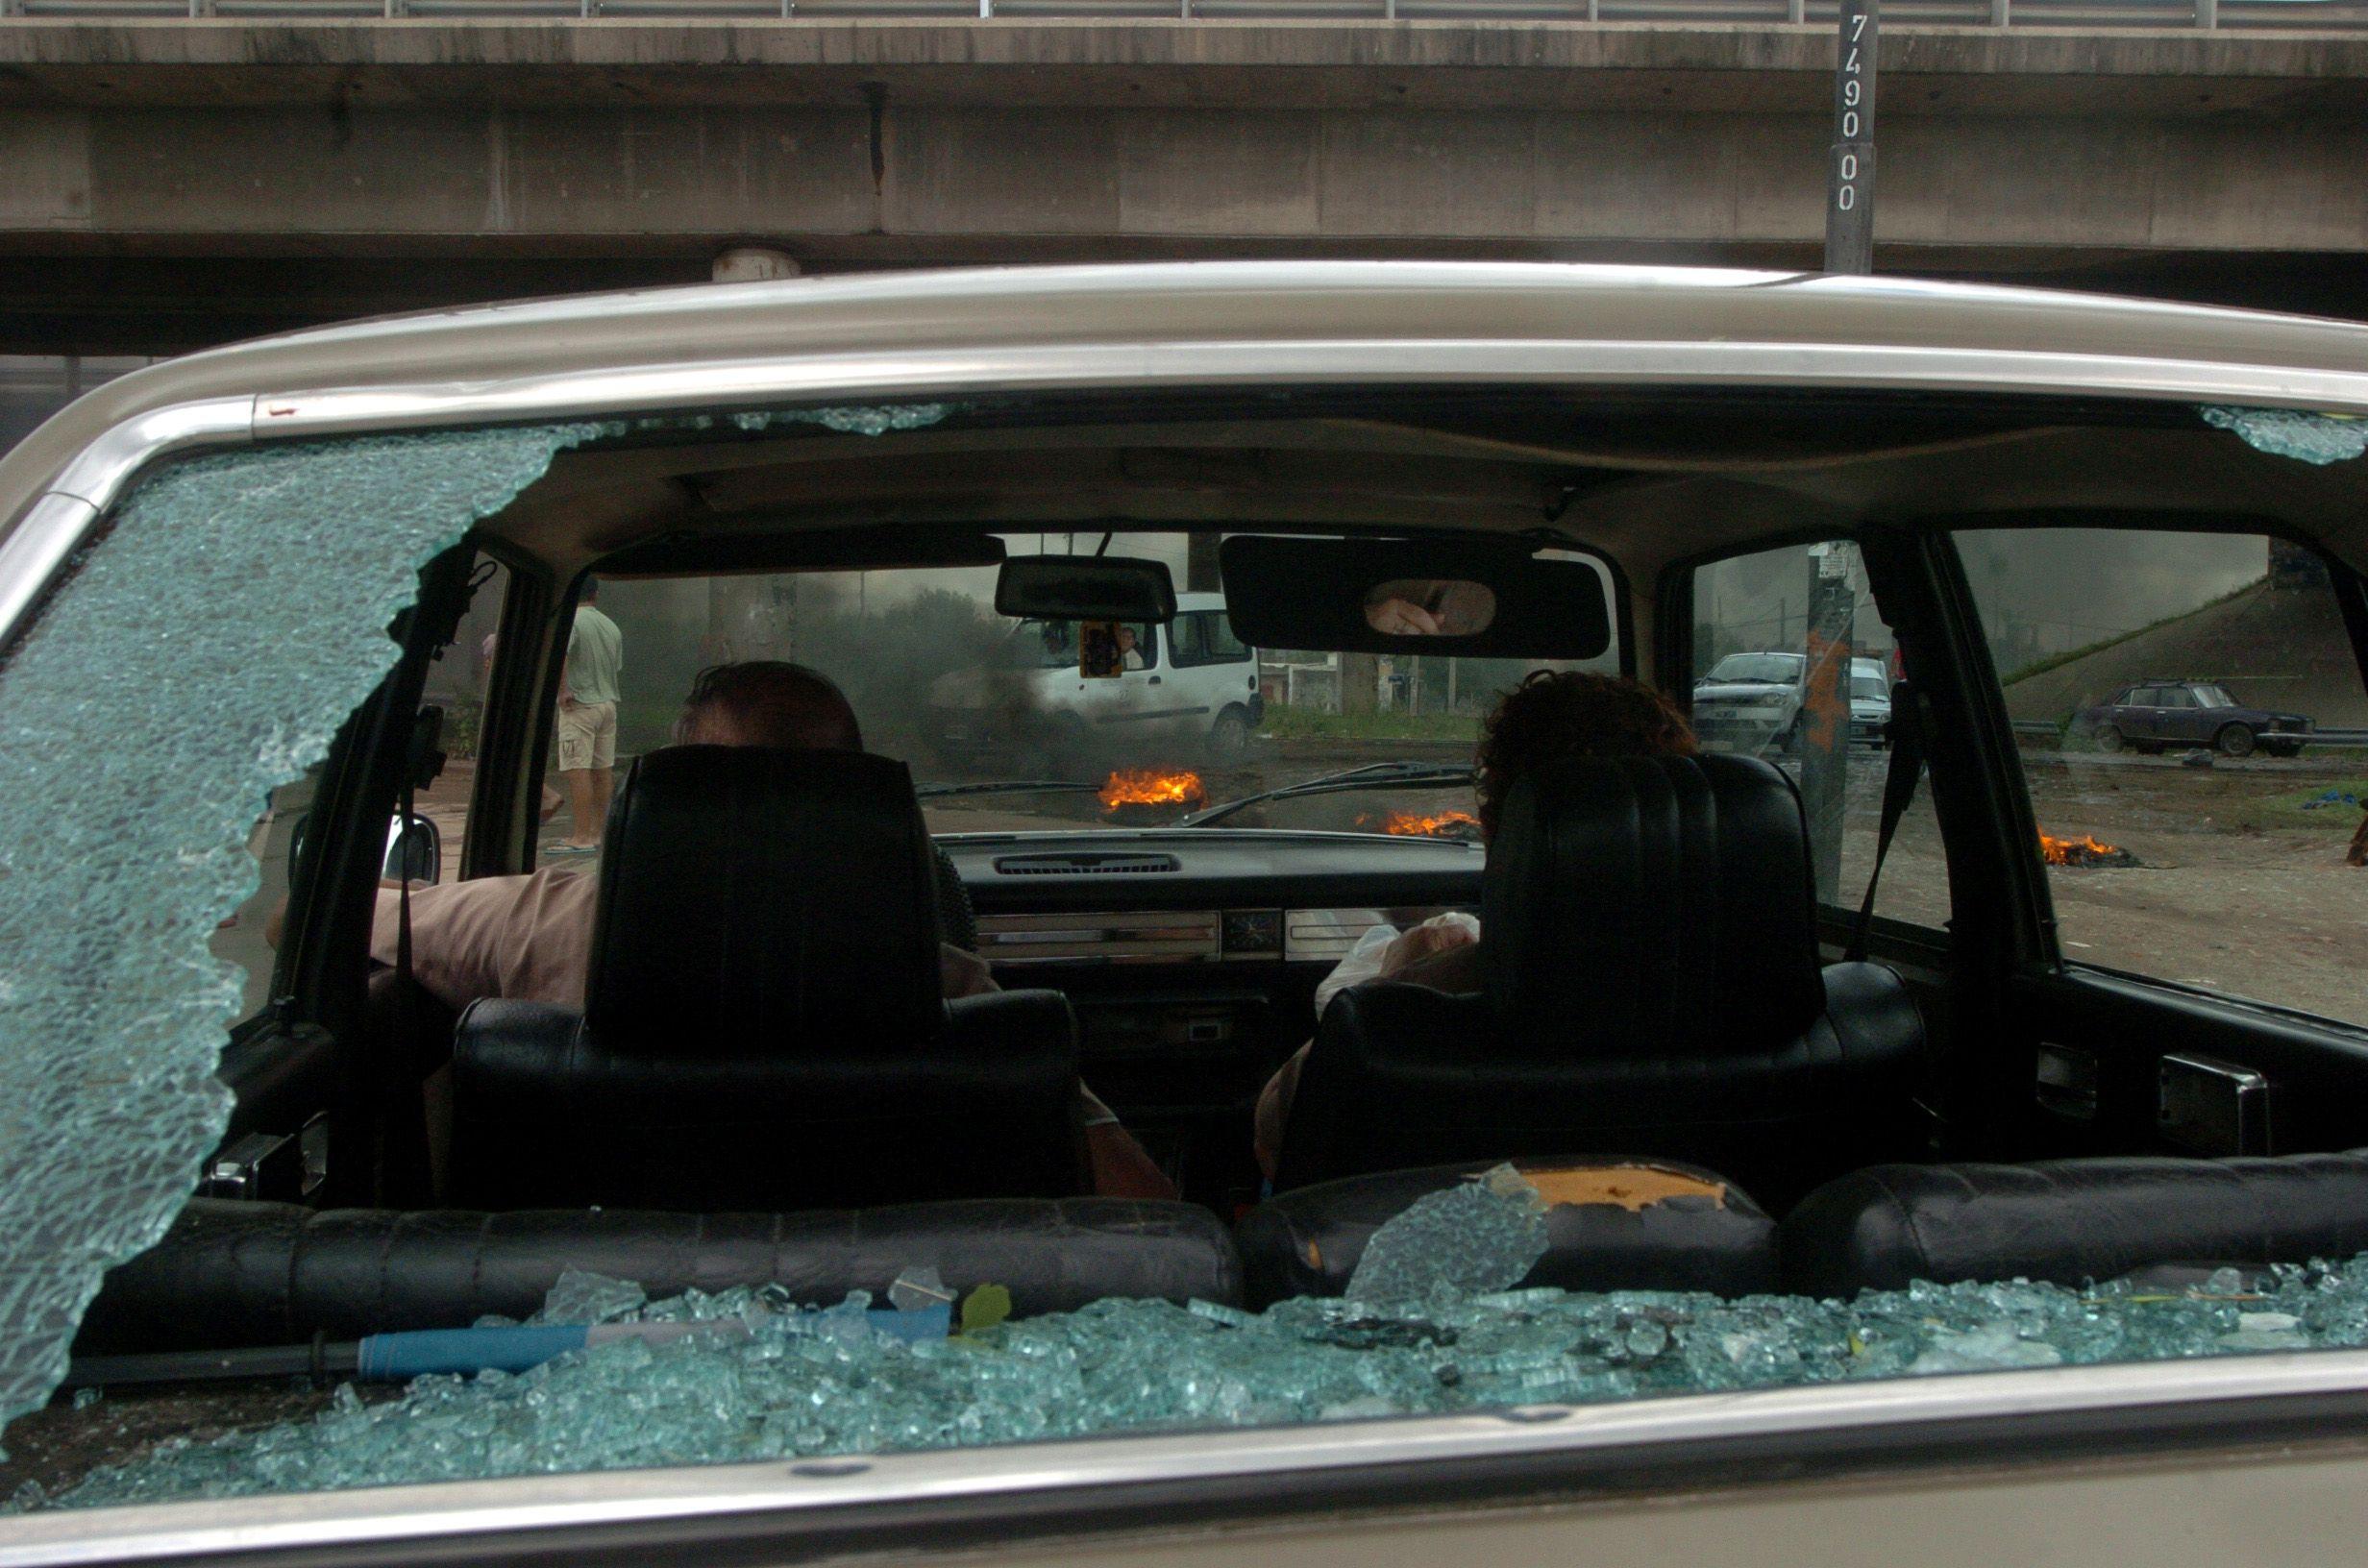 Uno de los vehículos afectados por el granizo en noviembre de 2006. (Foto La Capital /archivo)